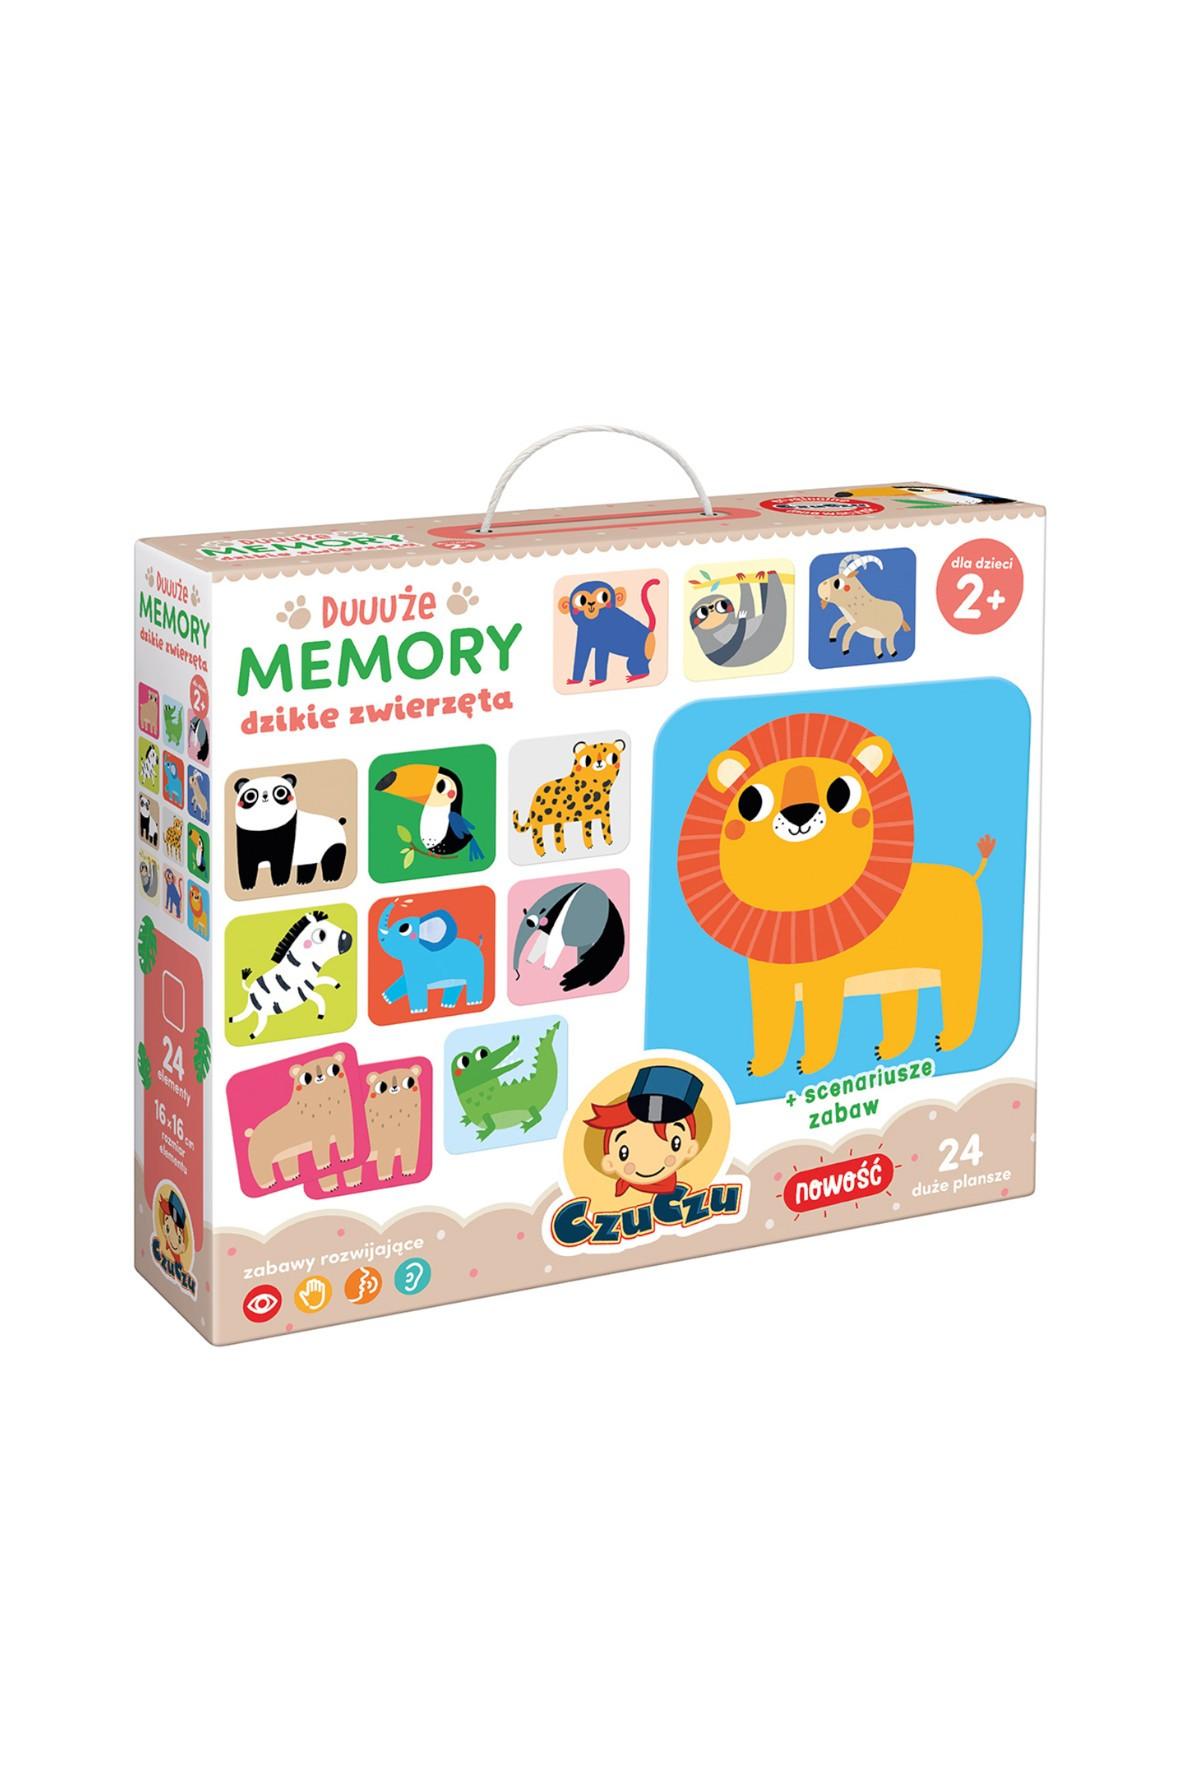 Gra Duuuże memory Dzikie zwierzęta wiek 2+